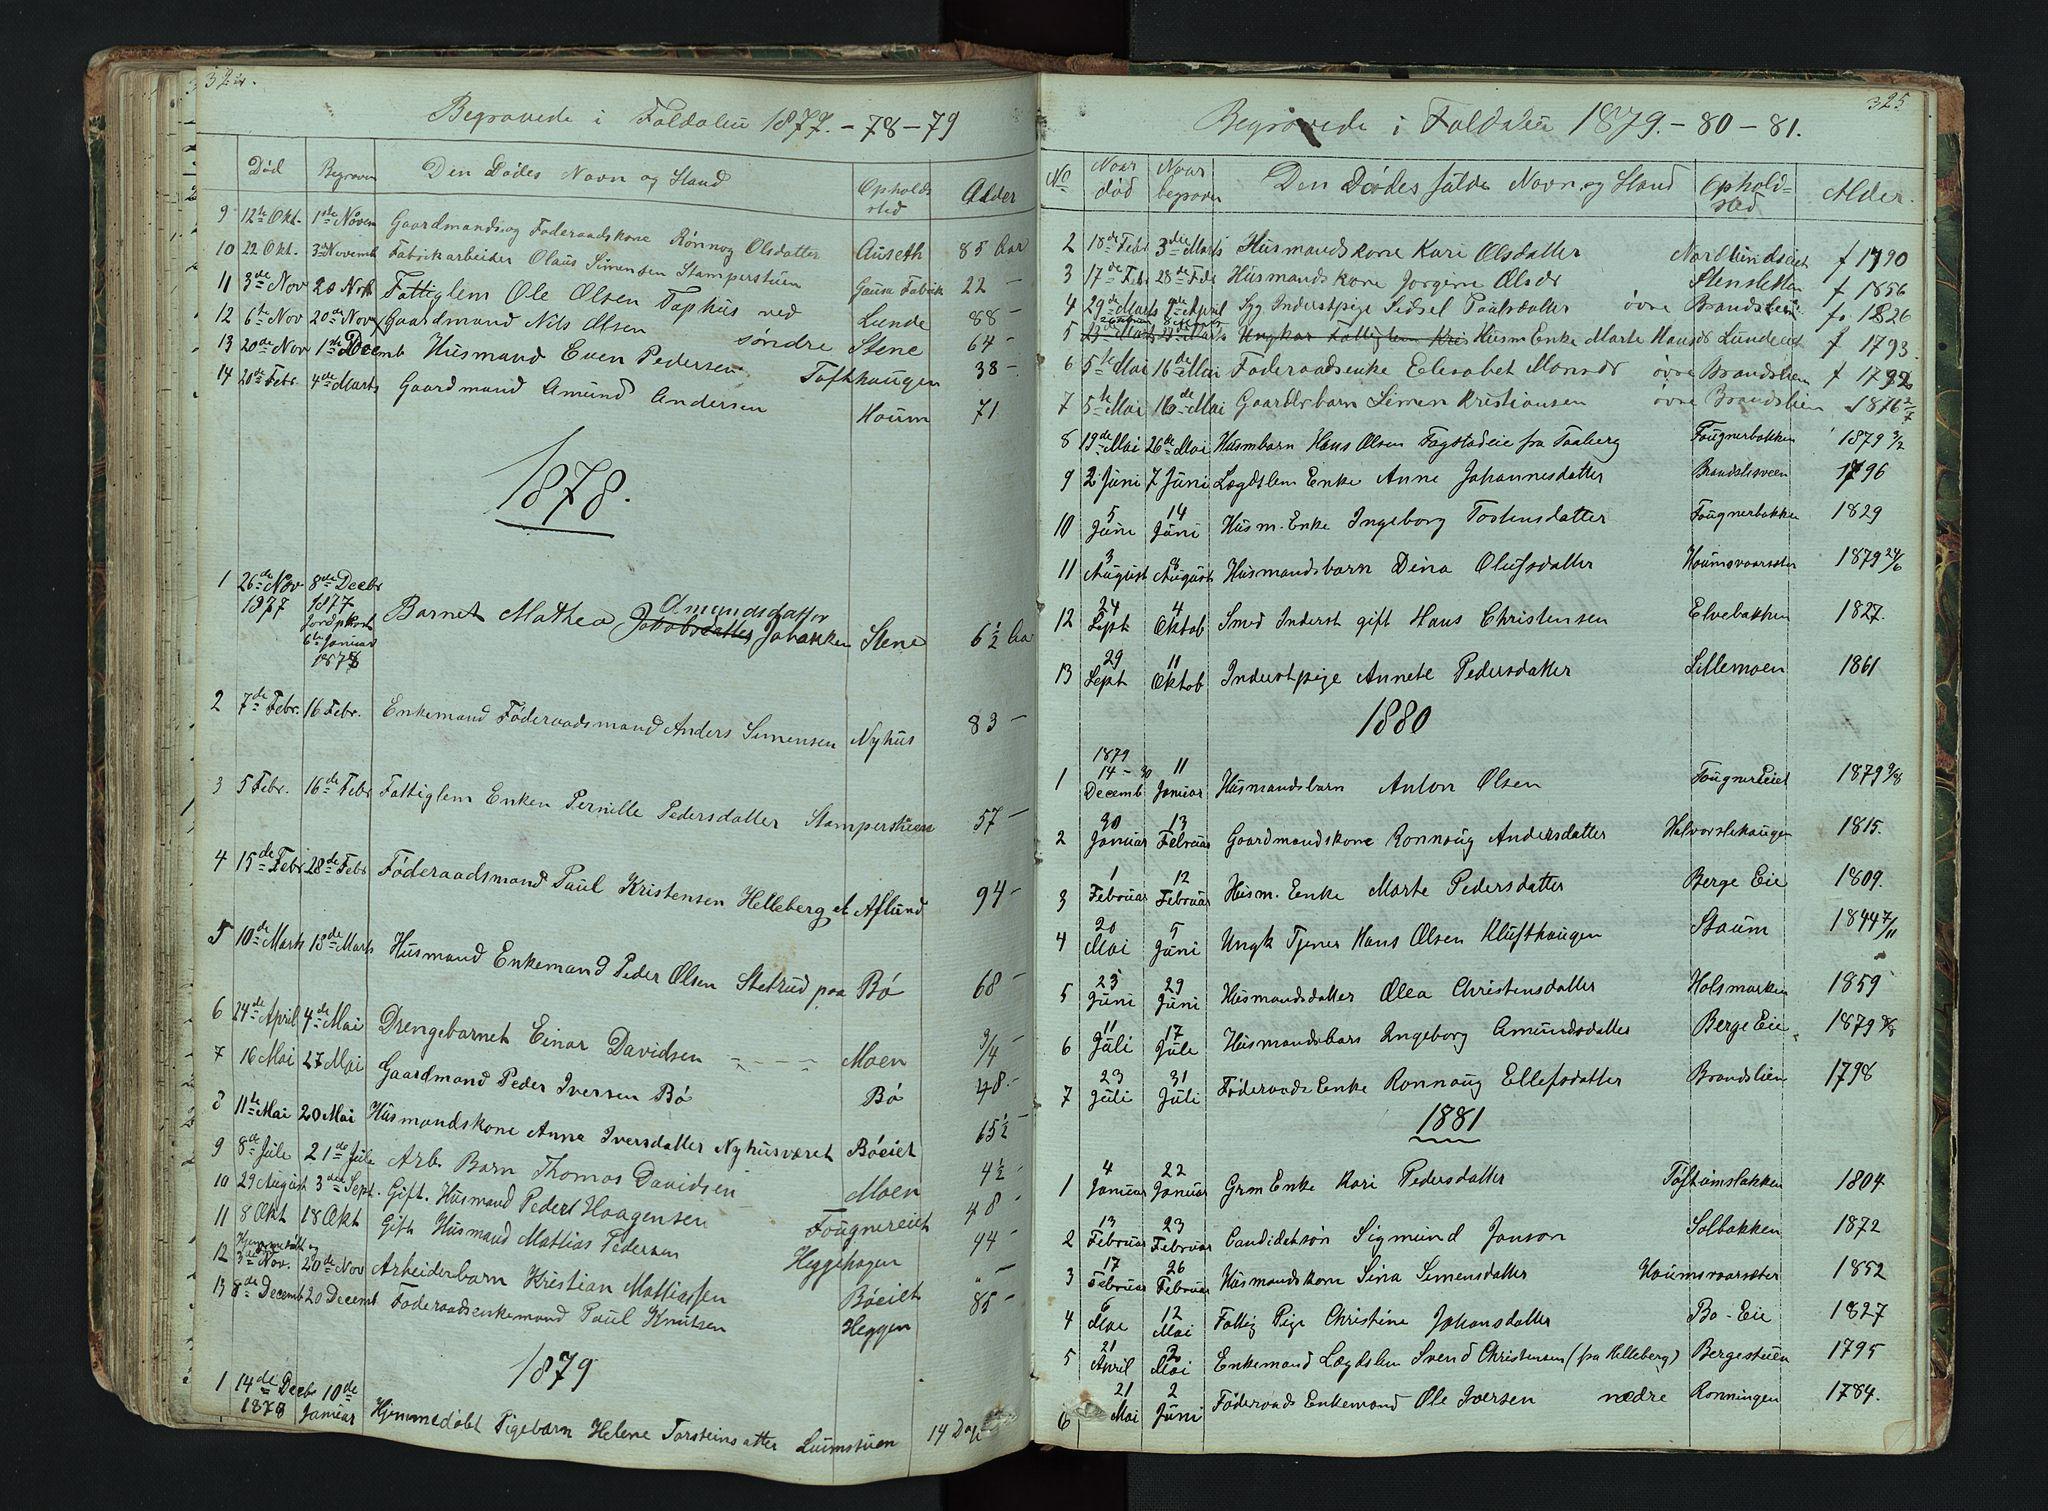 SAH, Gausdal prestekontor, Klokkerbok nr. 6, 1846-1893, s. 324-325